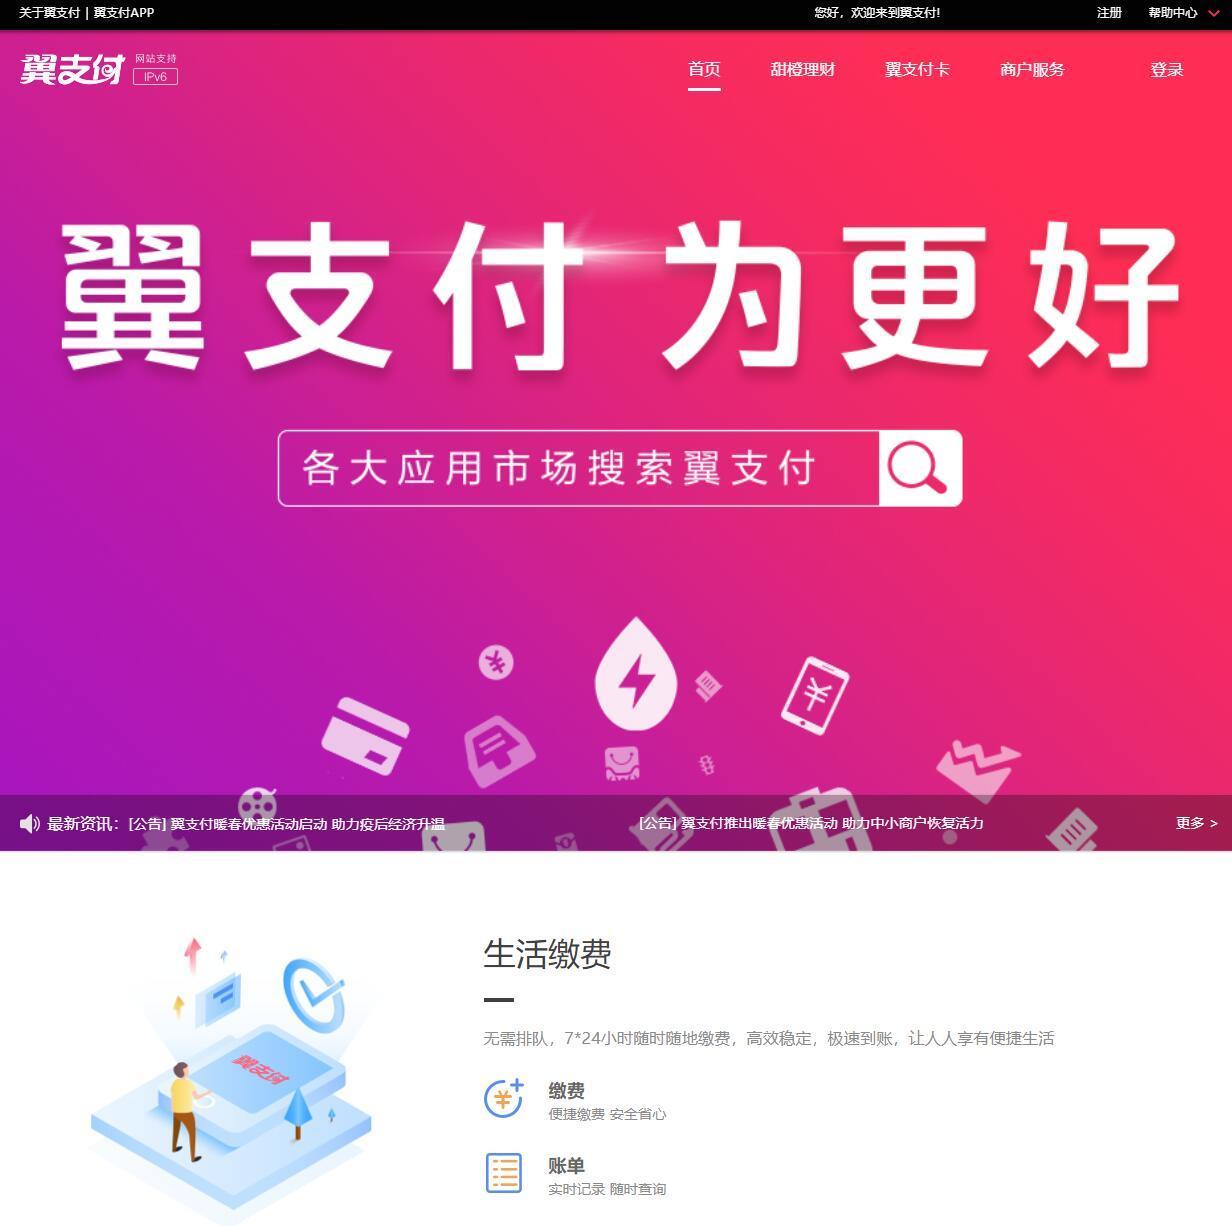 翼支付-中国电信手机支付